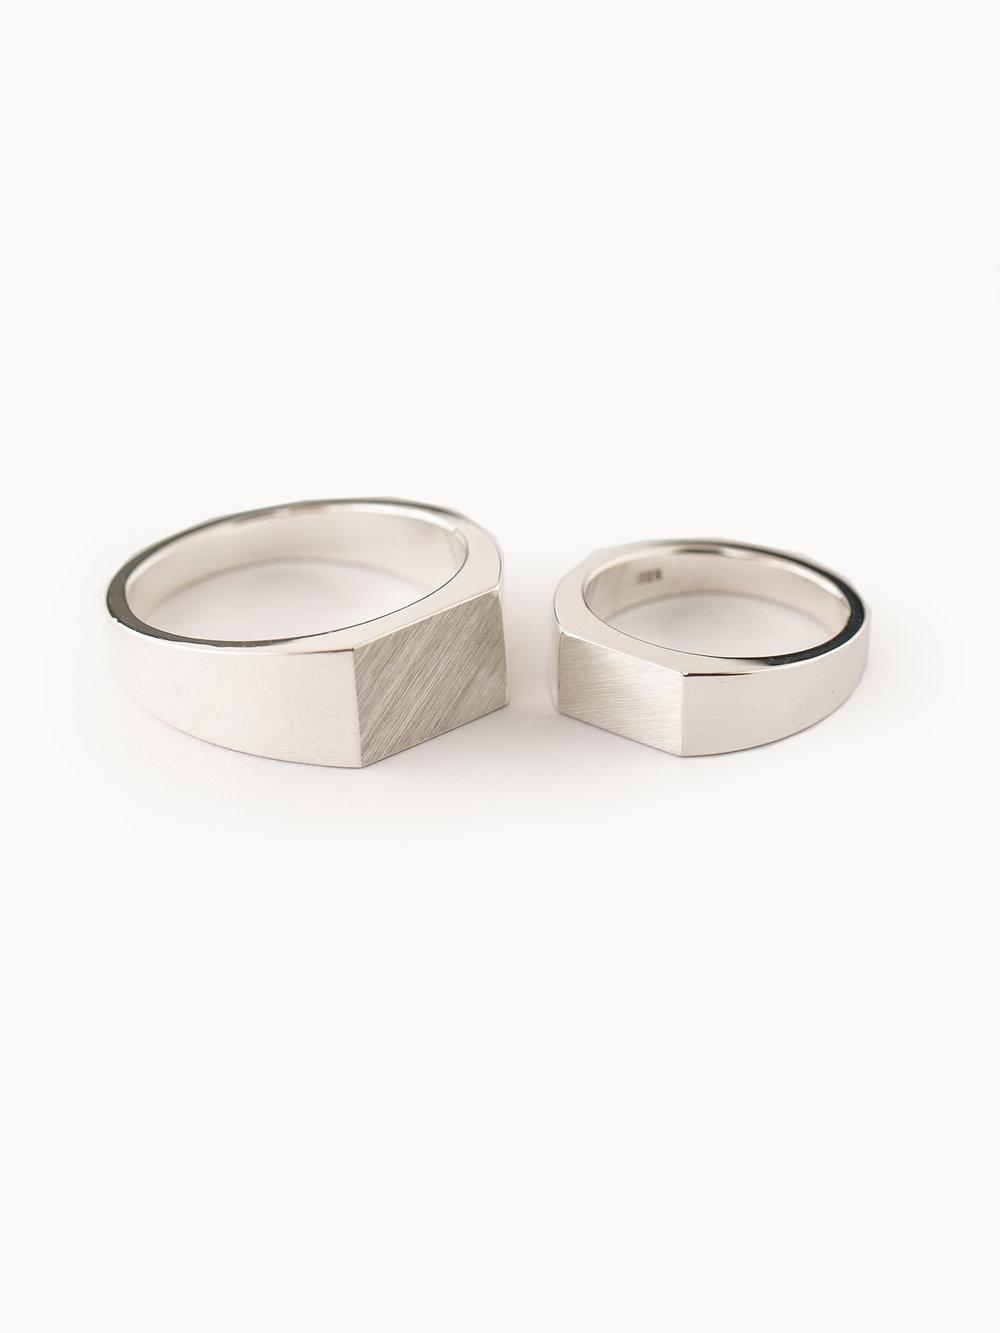 Trauringe in 925 Silber, poliert - Siegelfläche mattiert